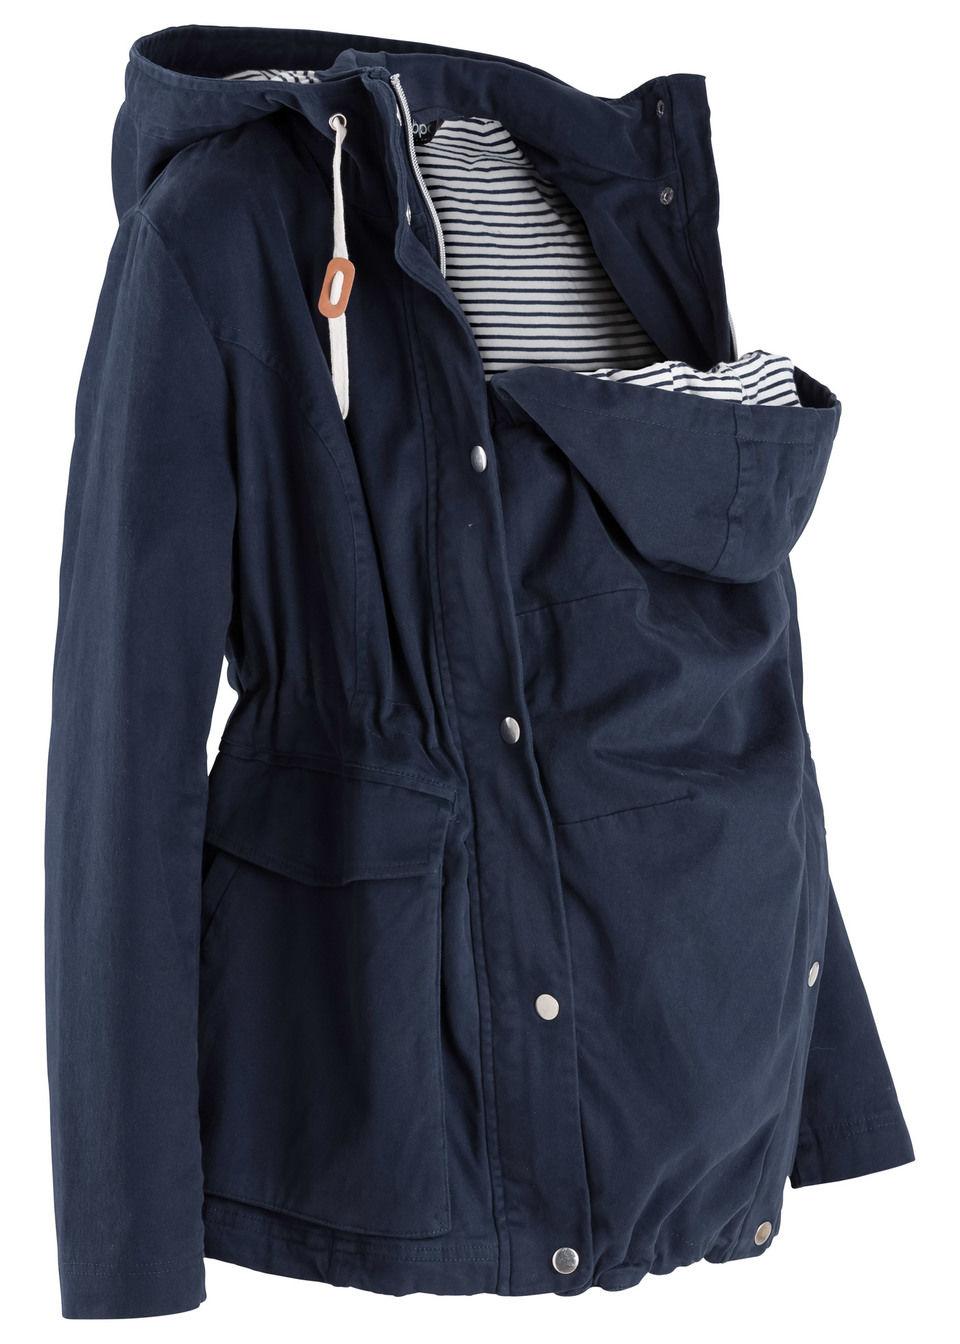 Купить Куртка для беременных со вкладкой для малыша, bonprix, темно-синий